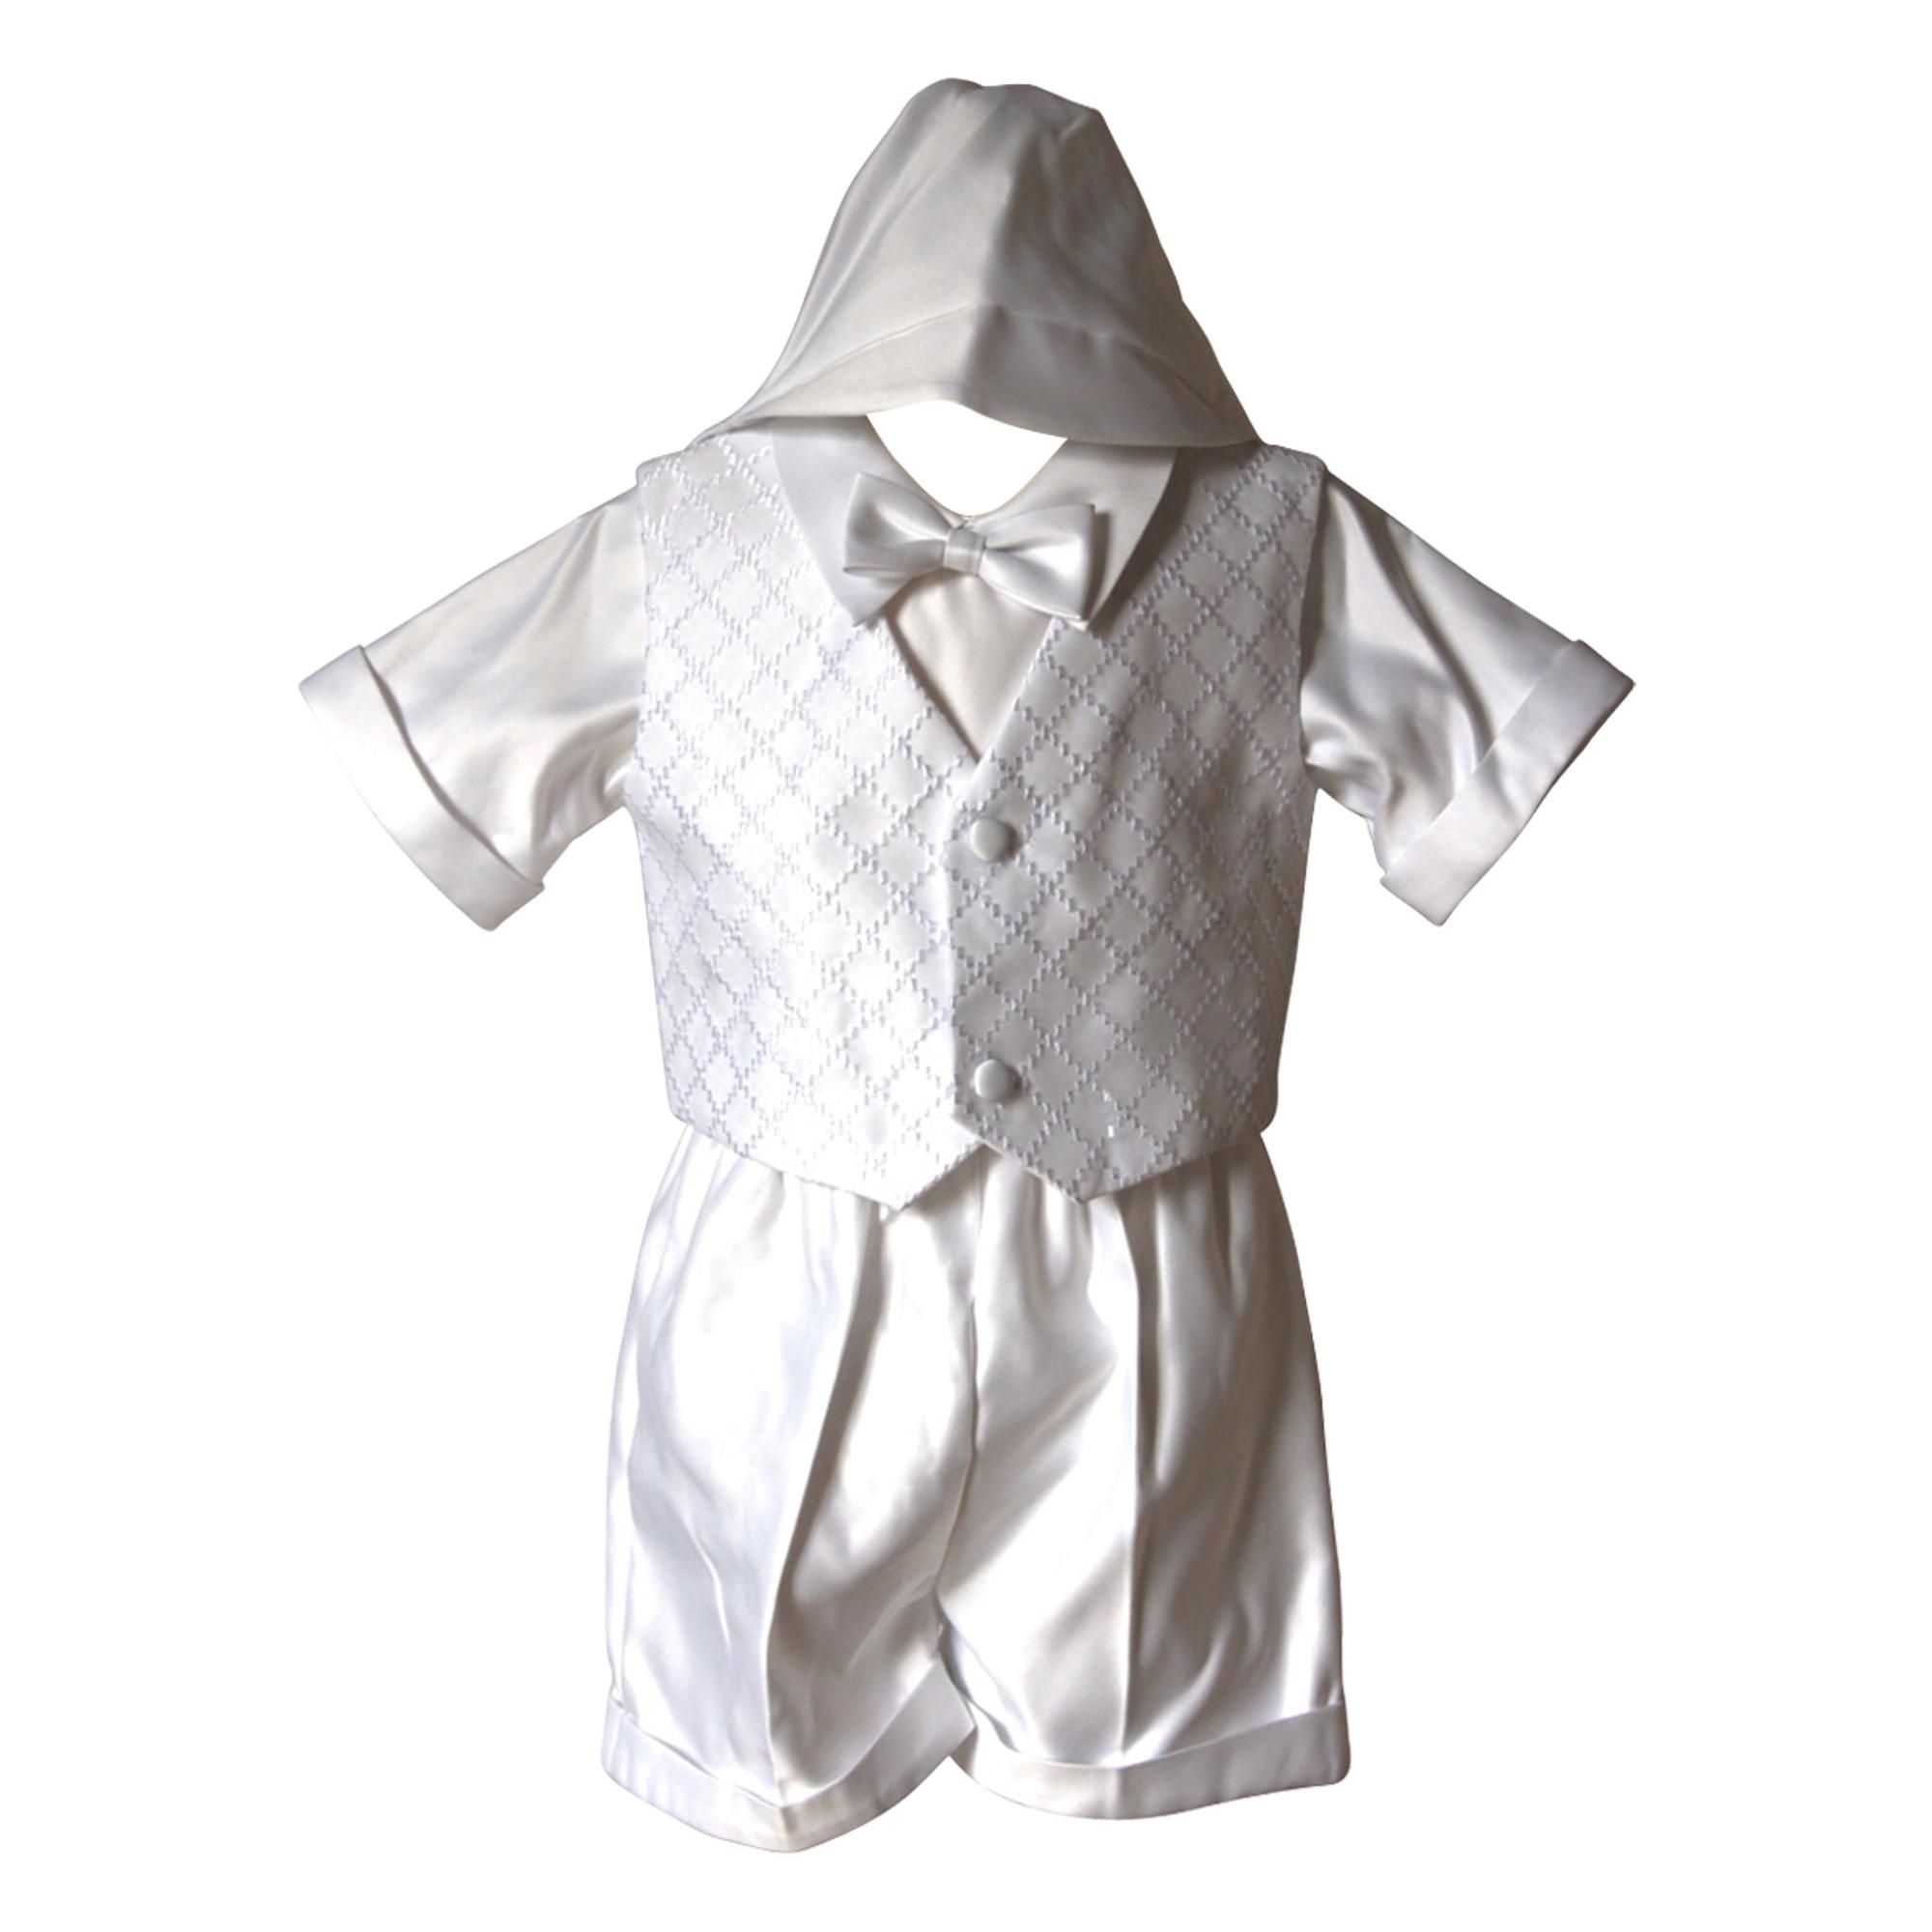 BIMARO Baby Jungen Taufanzug Silas weiß 4teilig Set Satin Sommer kurze Hose Weste Hemdshirt Taufe Hochzeit